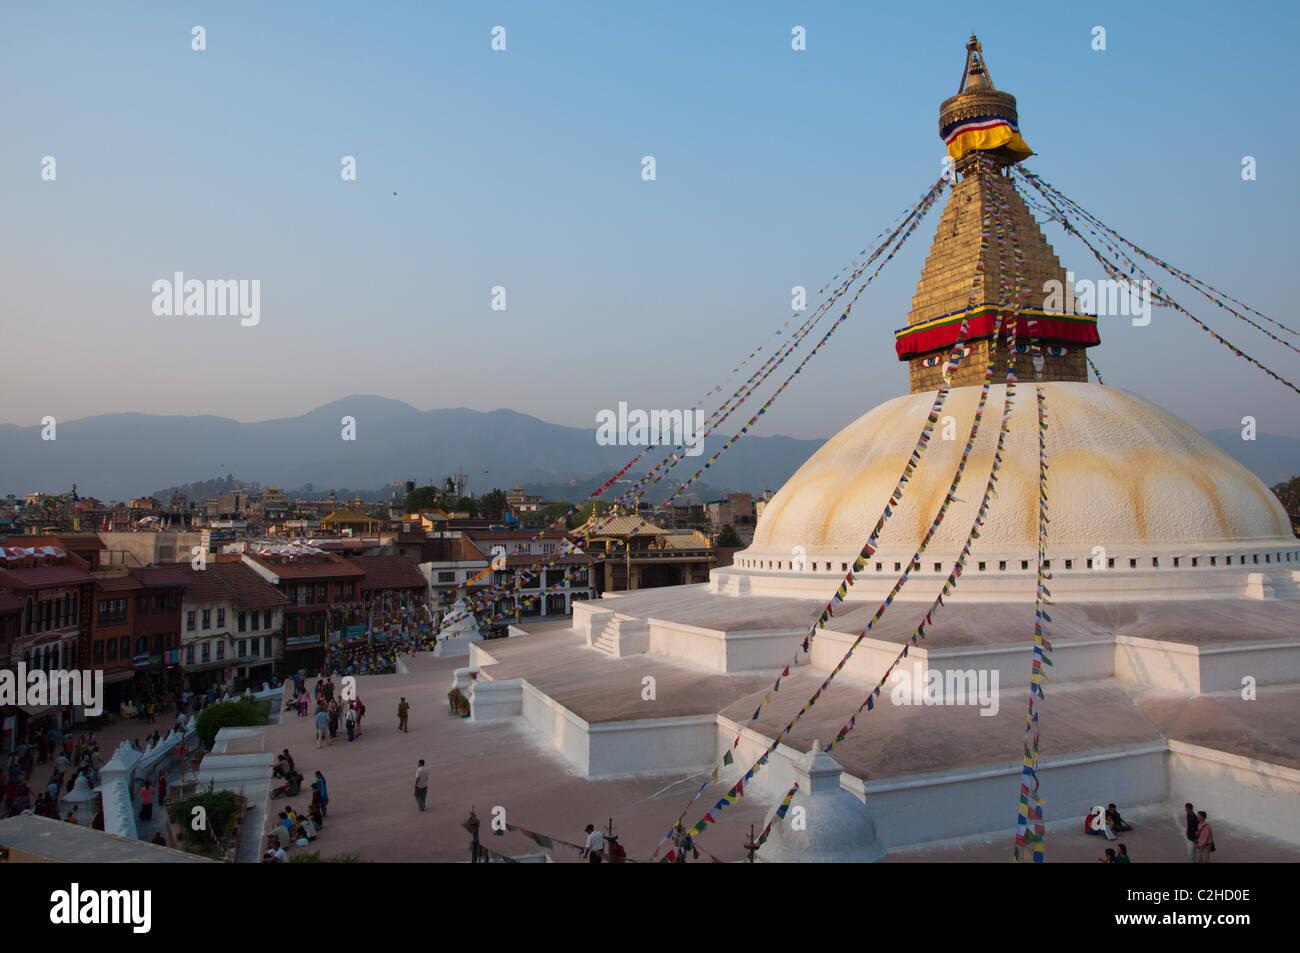 Bodnath Stupa, Kathmandu, Nepal - Stock Image